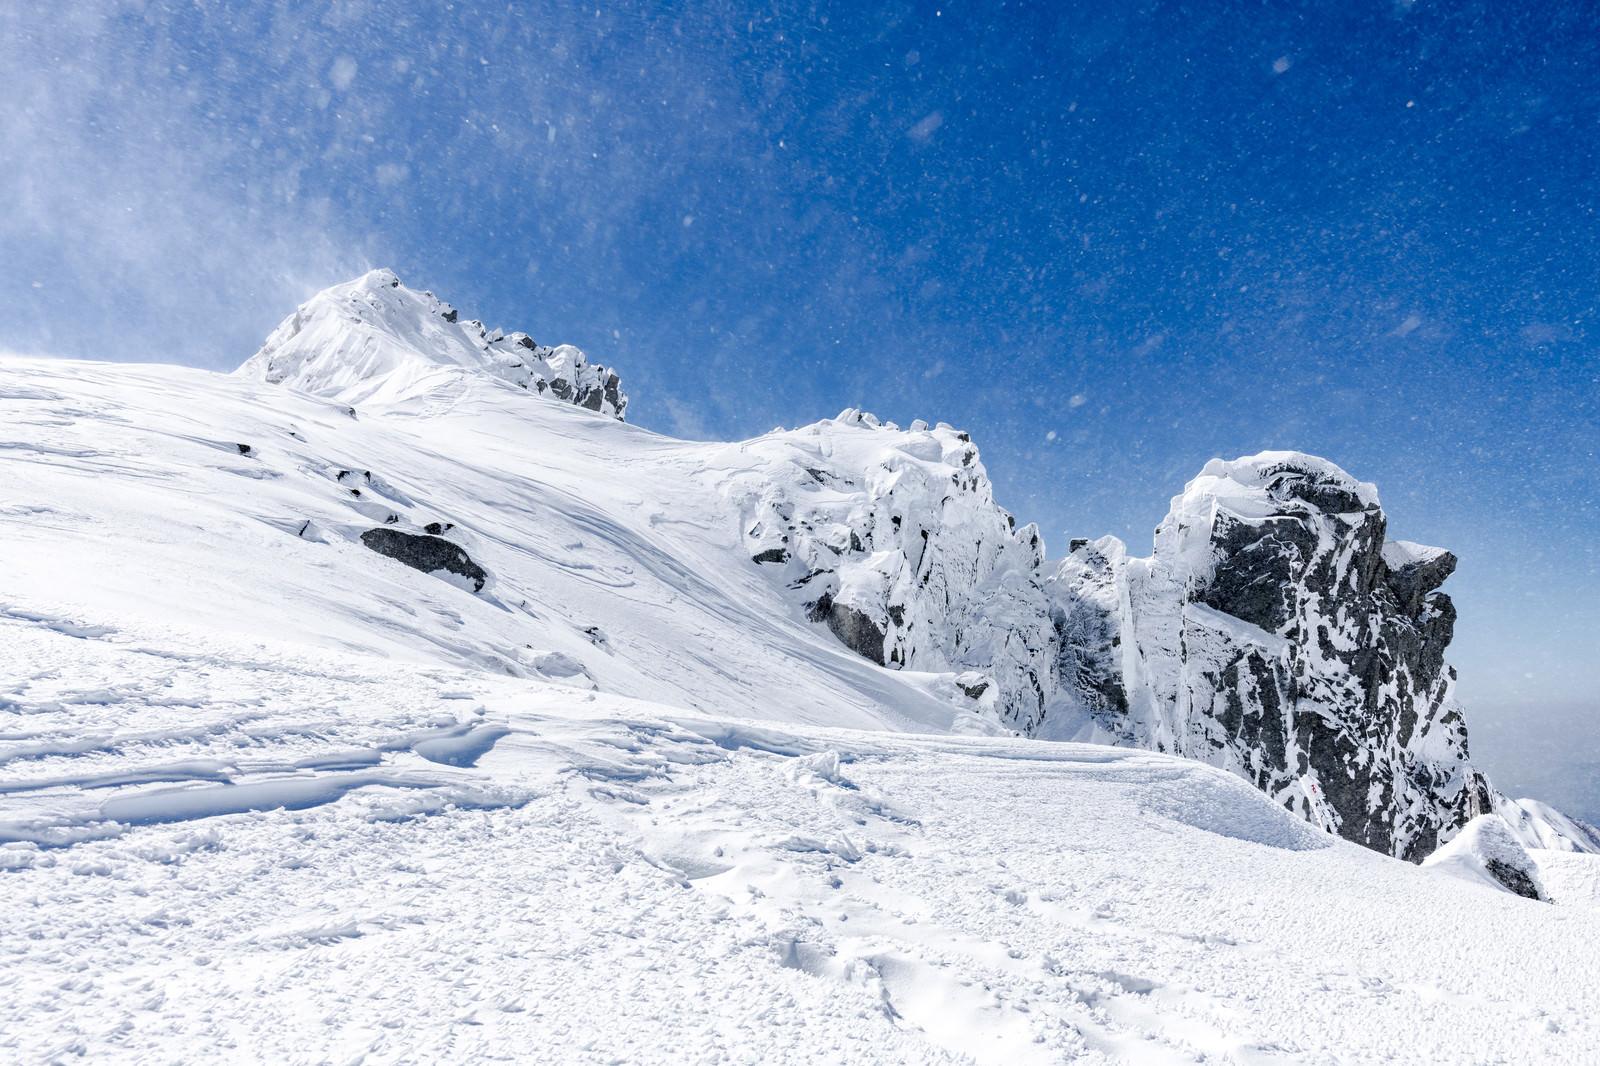 「風雪舞う宝剣岳(木曽山脈)」の写真